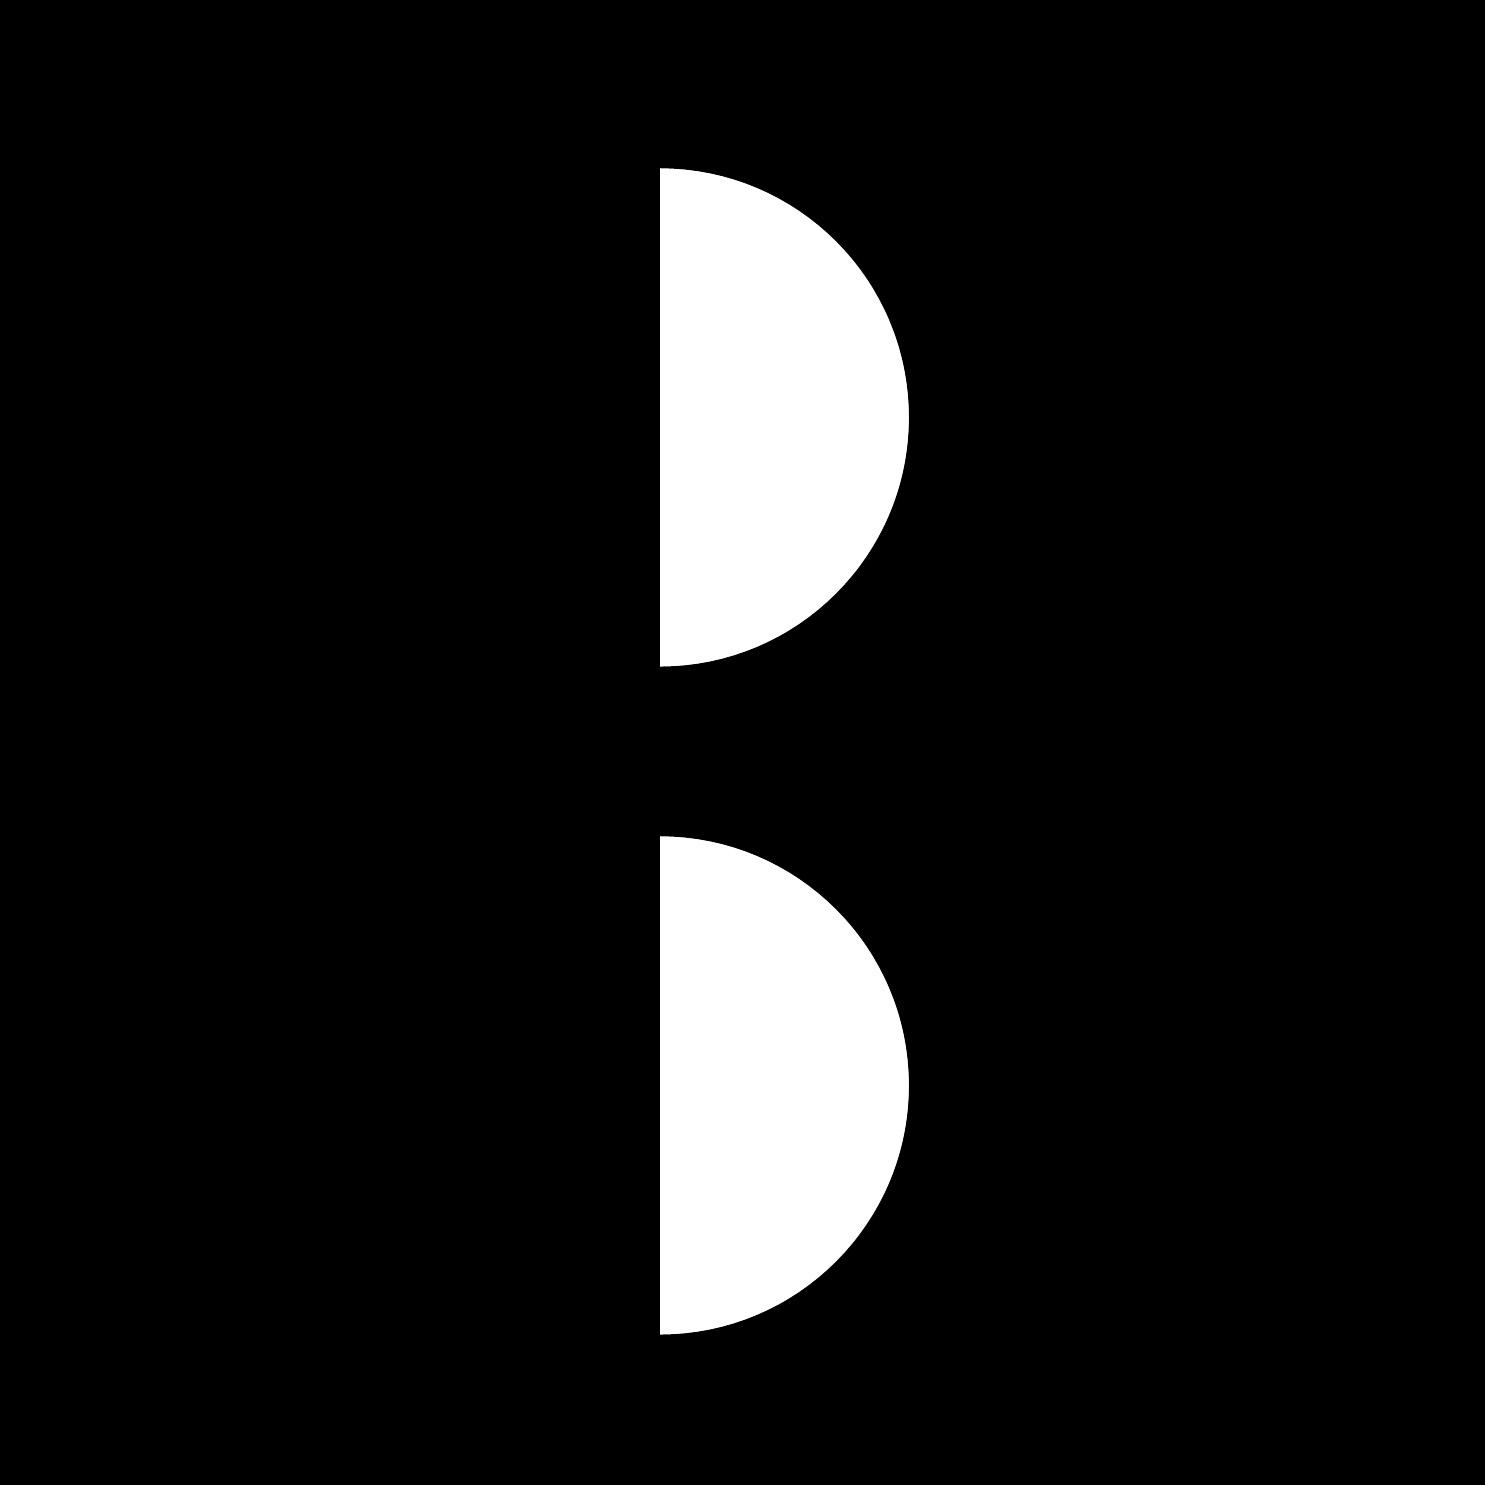 BB_B.jpg